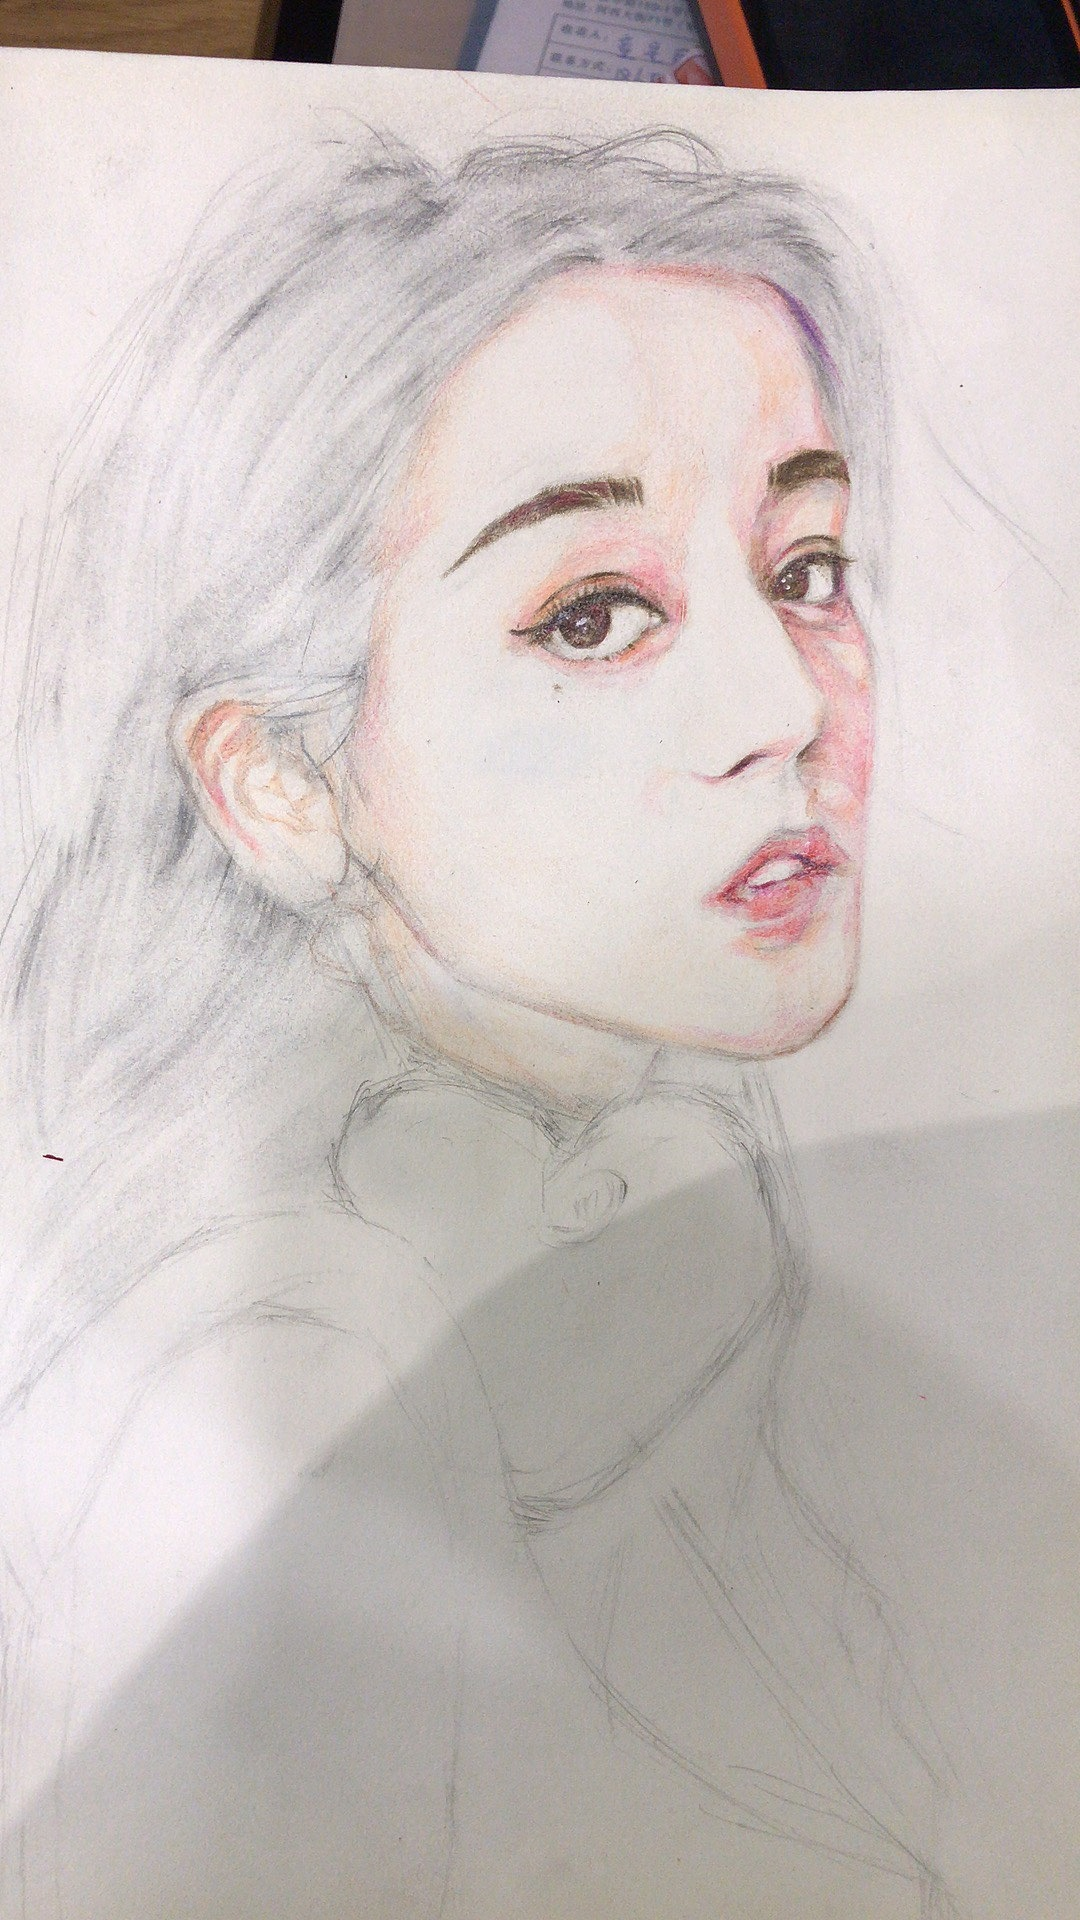 迪丽热巴彩铅手绘.